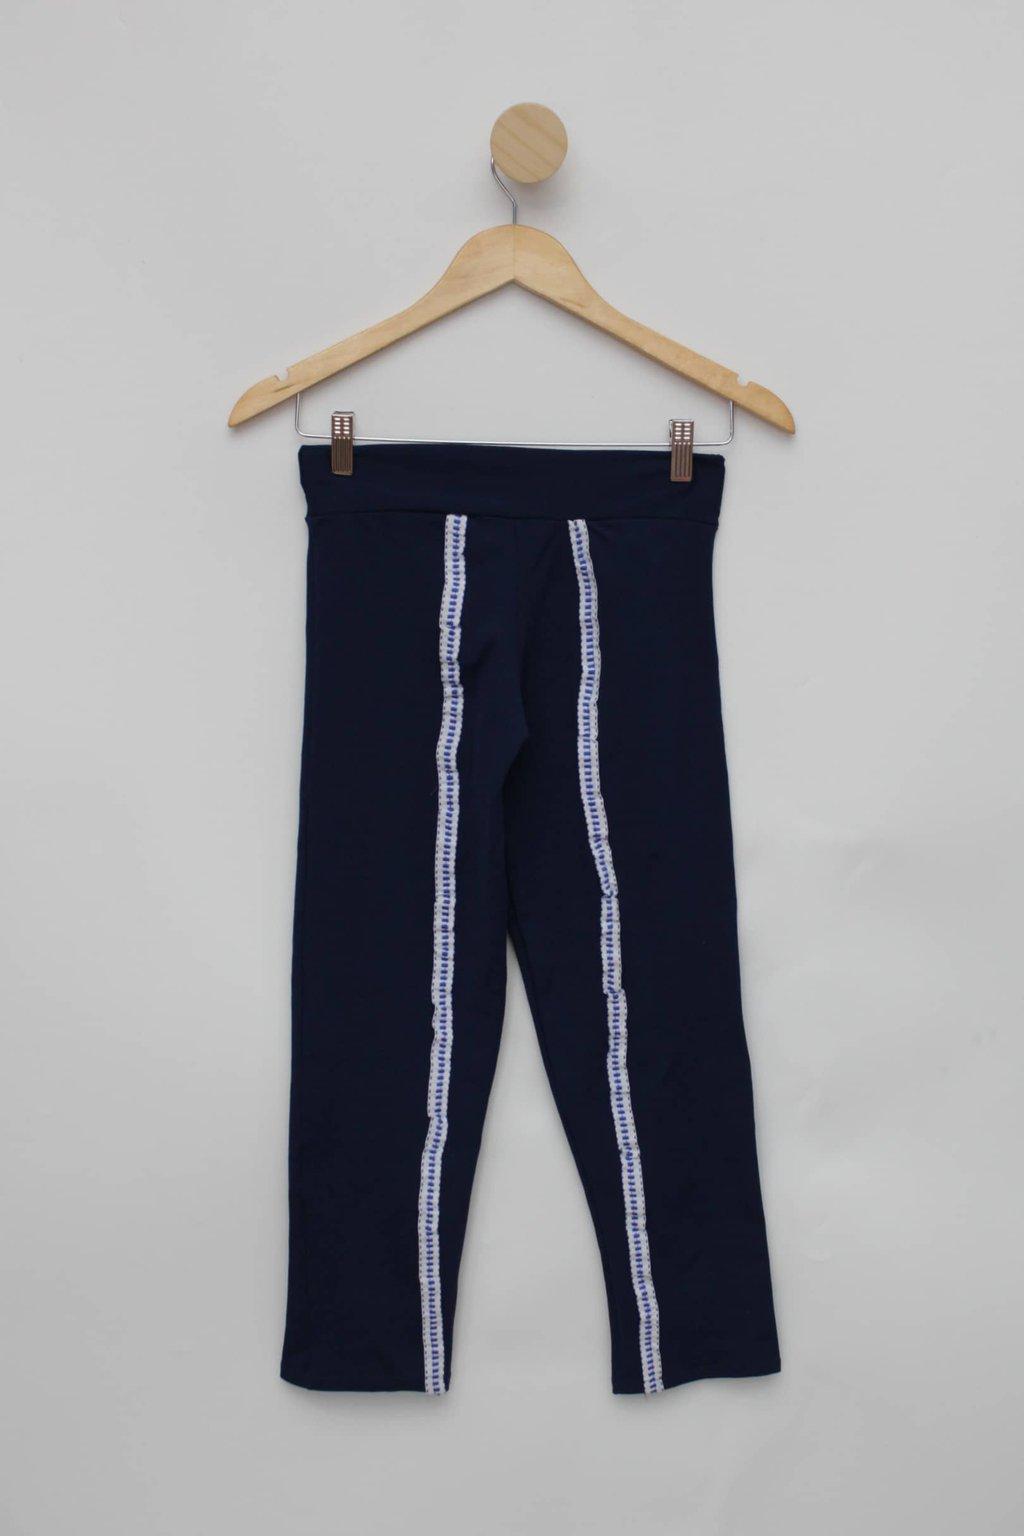 Calca Legging azul com fita magazine montinegro